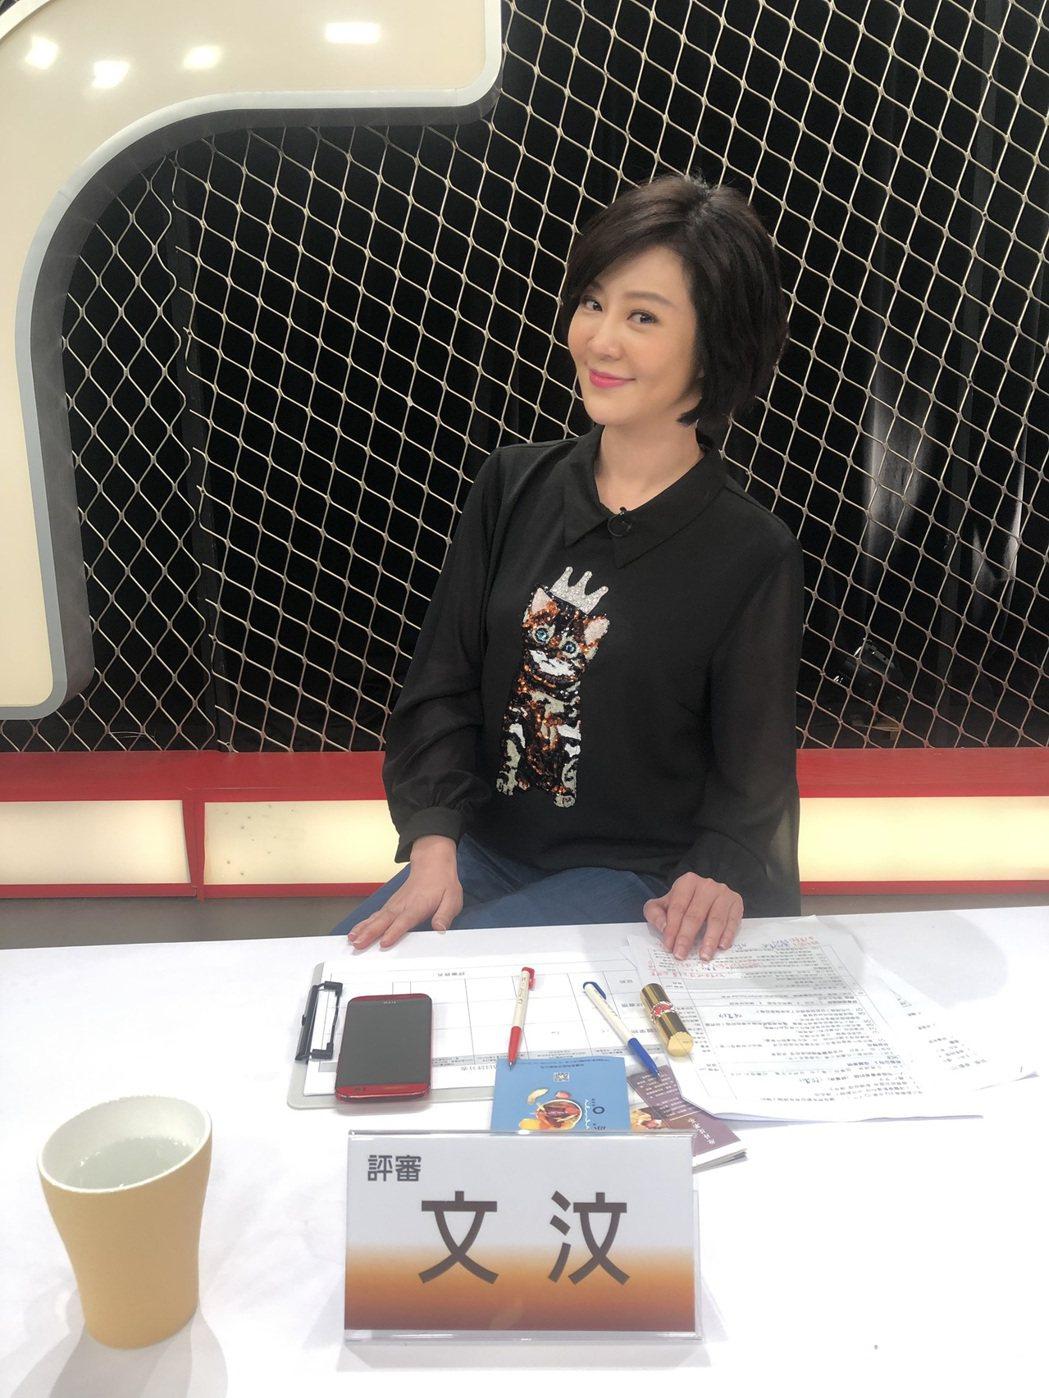 文汶以創業者身份擔任「新創777」選秀節目評審。圖/民視提供